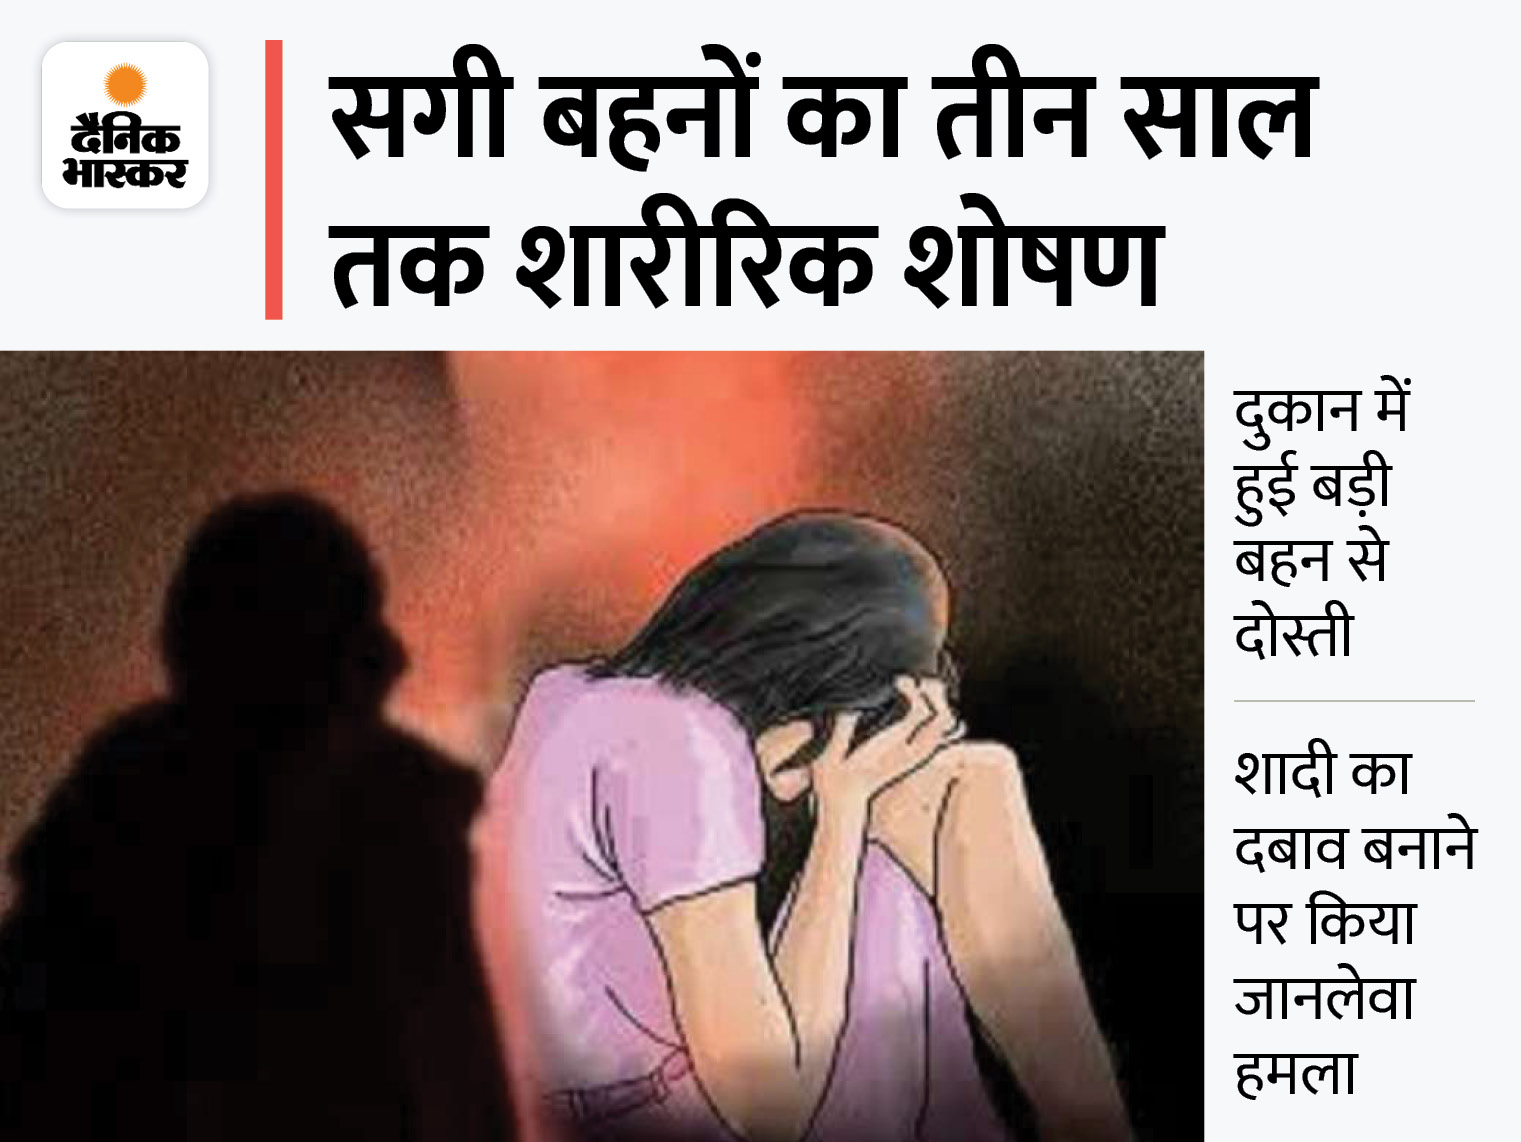 गर्लफ्रेंड और उसकी छोटी बहन को मारने की कोशिश; जेल से छूटे तो फिर किया दुष्कर्म|भोपाल,Bhopal - Dainik Bhaskar